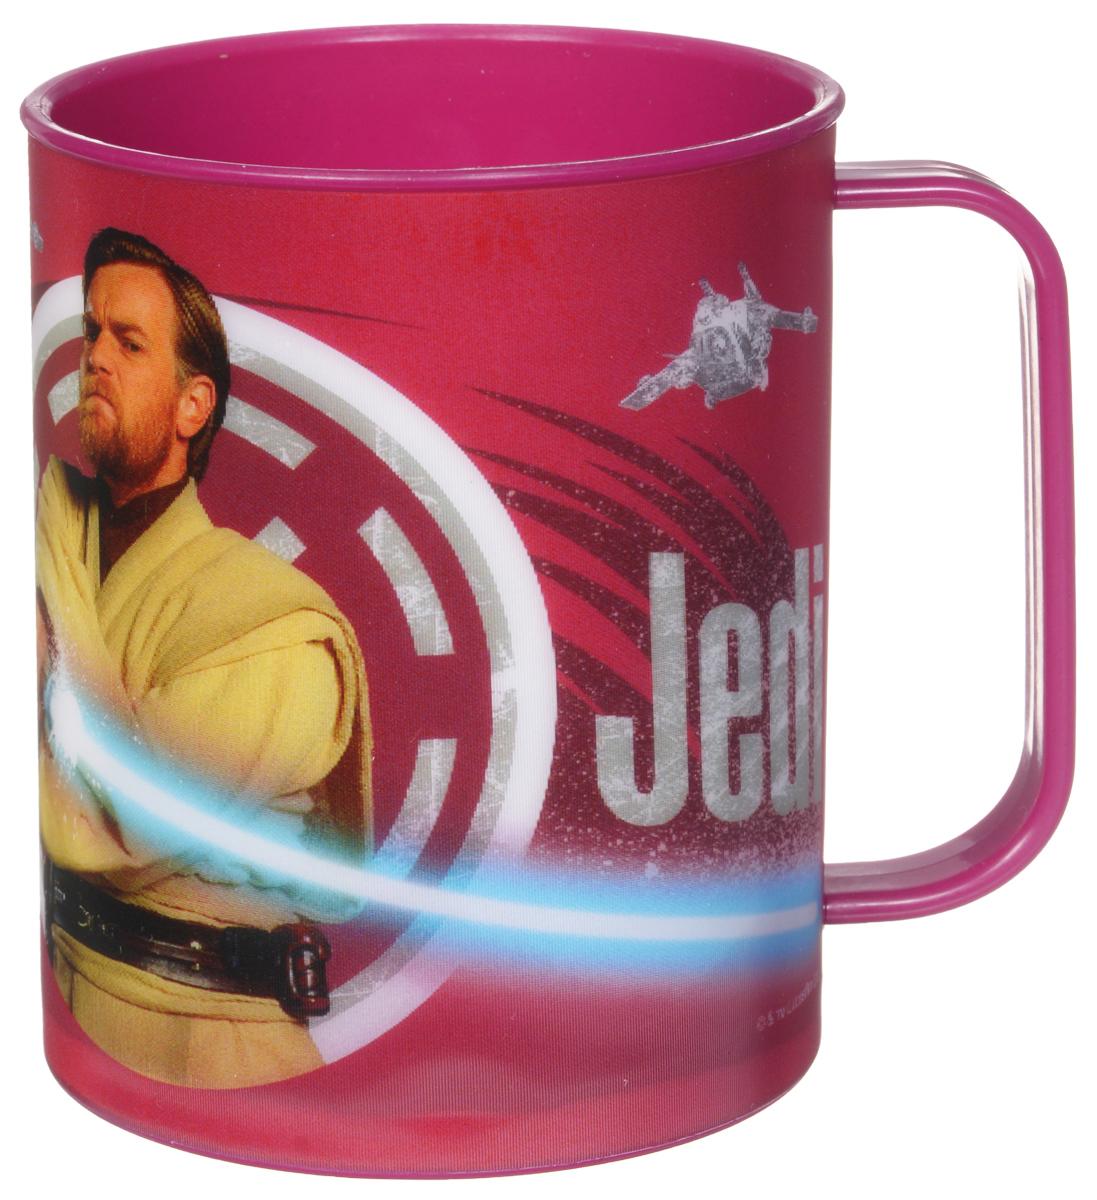 Star Wars Кружка детская Джедай 325 млSWM325-03Детская кружка Star Wars Джедай станет отличным подарком для любого фаната знаменитой саги. Она выполнена из полипропилена и оформлена рисунком с изображением джедая Оби-Вана Кеноби. Специальное покрытие с отливом делает изображение на кружке более объемным. Объем кружки: 325 мл. Не подходит для использования в посудомоечной машине и СВЧ-печи.